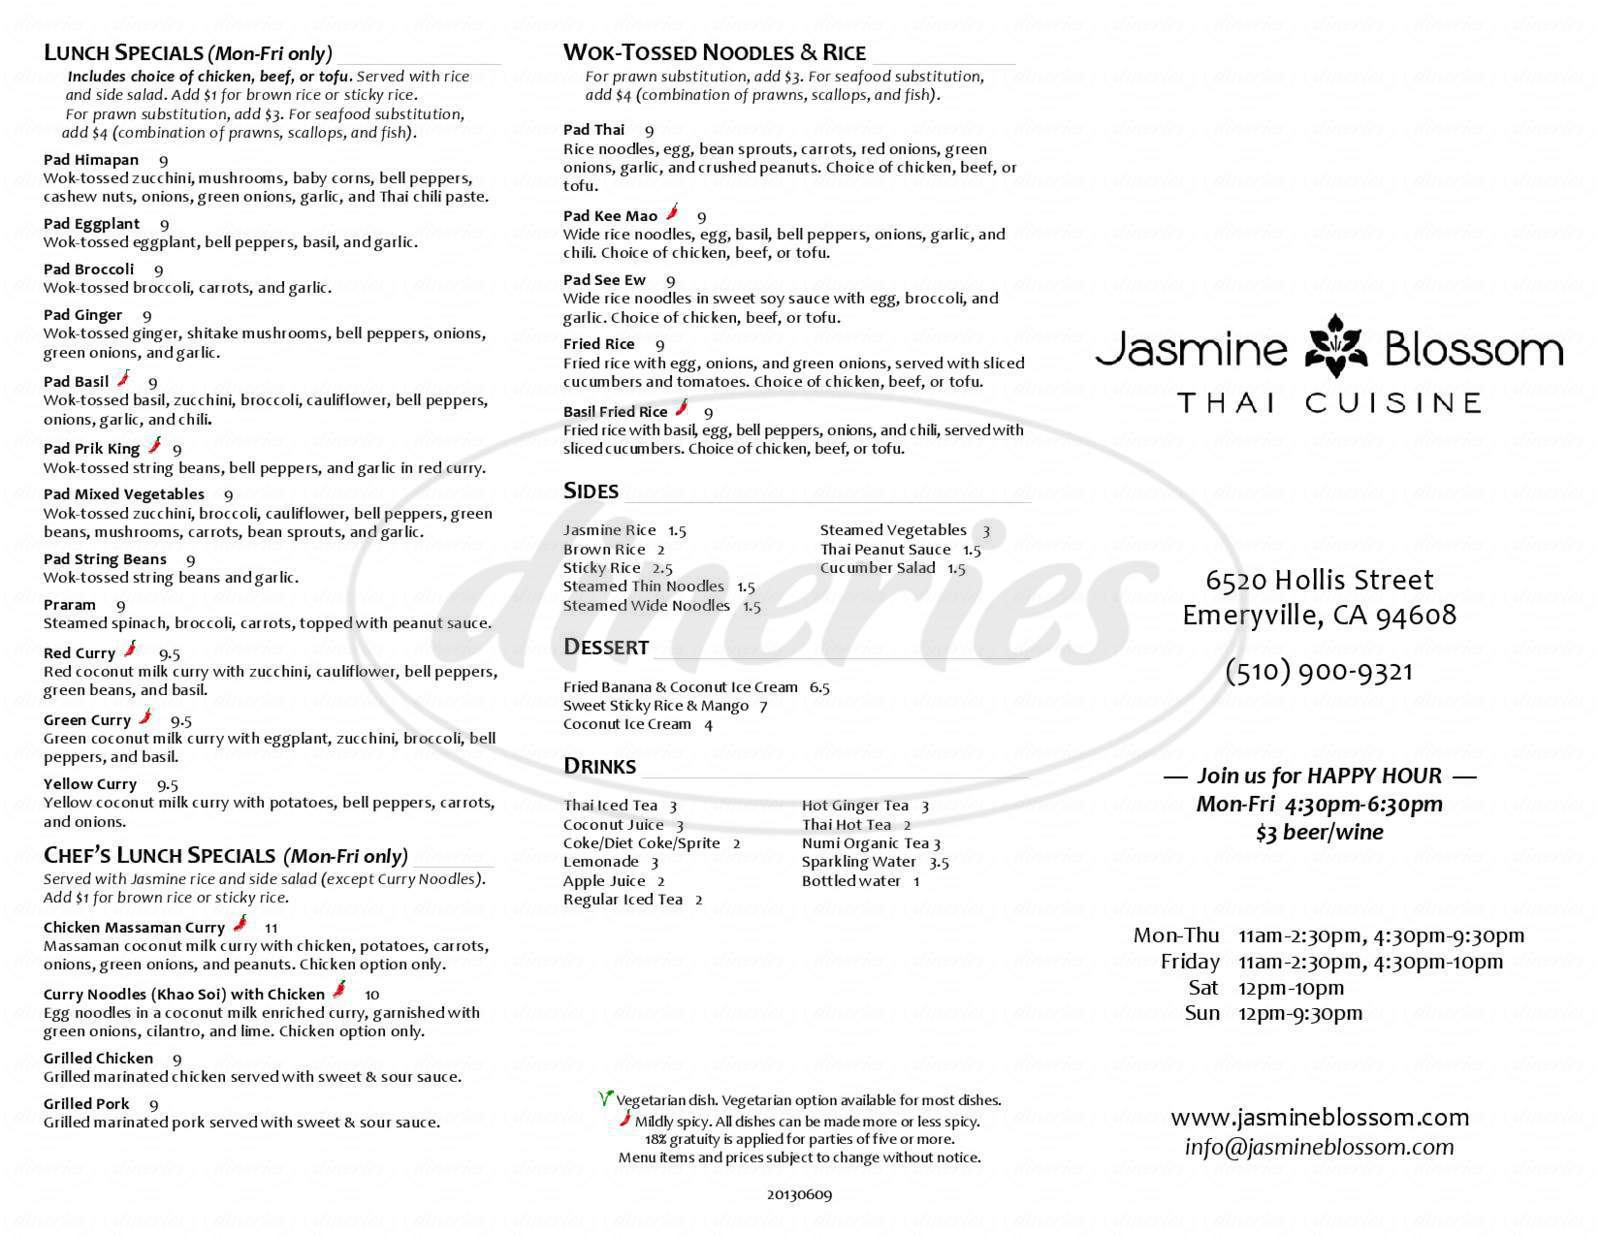 menu for Jasmine Blossom Thai Cuisine